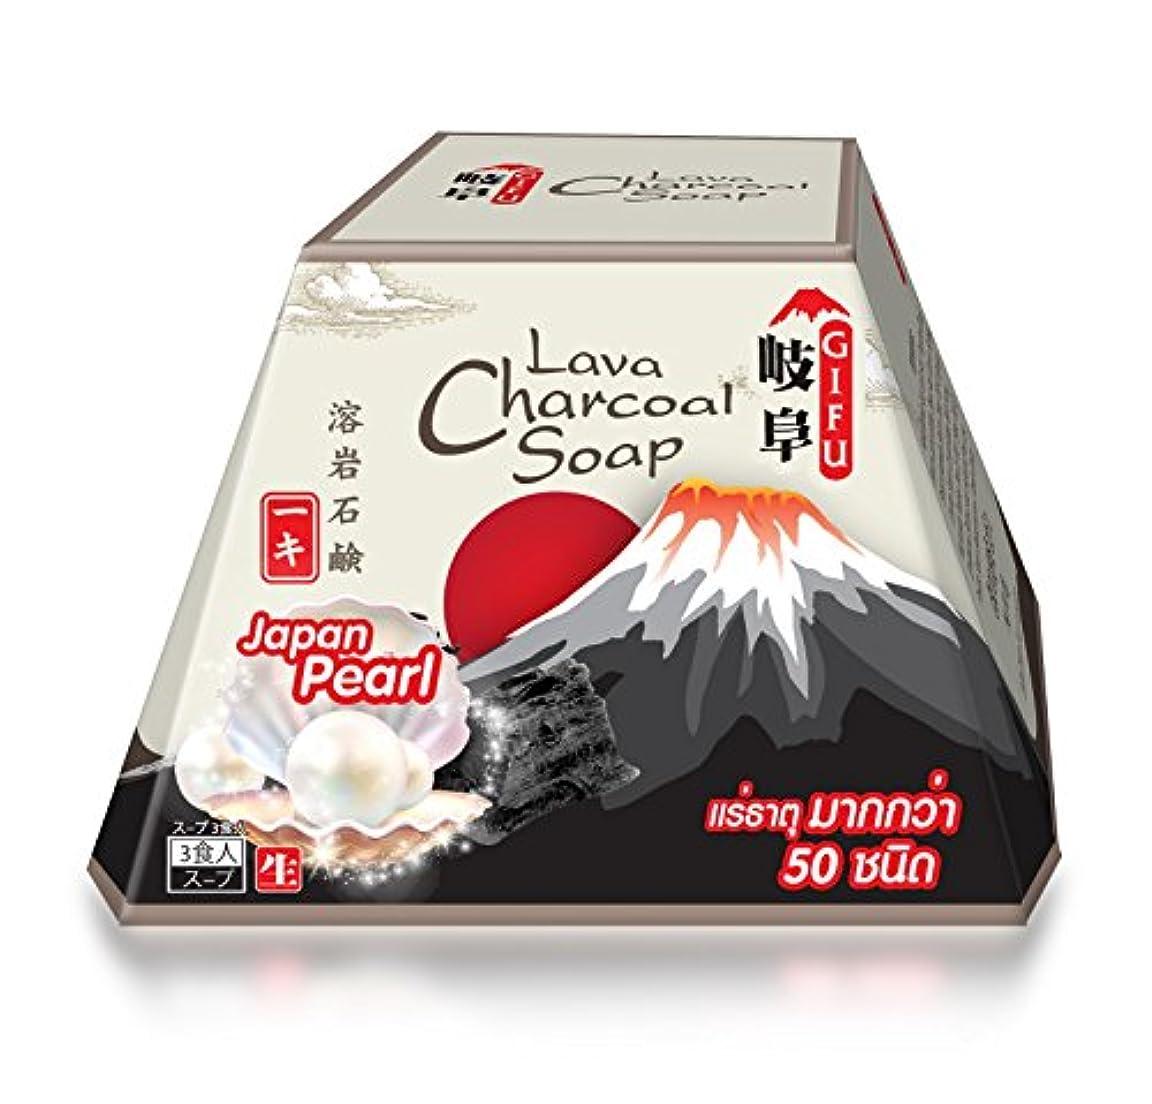 地質学ペグ飼い慣らすOKI GIFU Lava Charcoal & Japanese Pearl Powder Soap 70g 溶岩炭と日本のパールパウダー